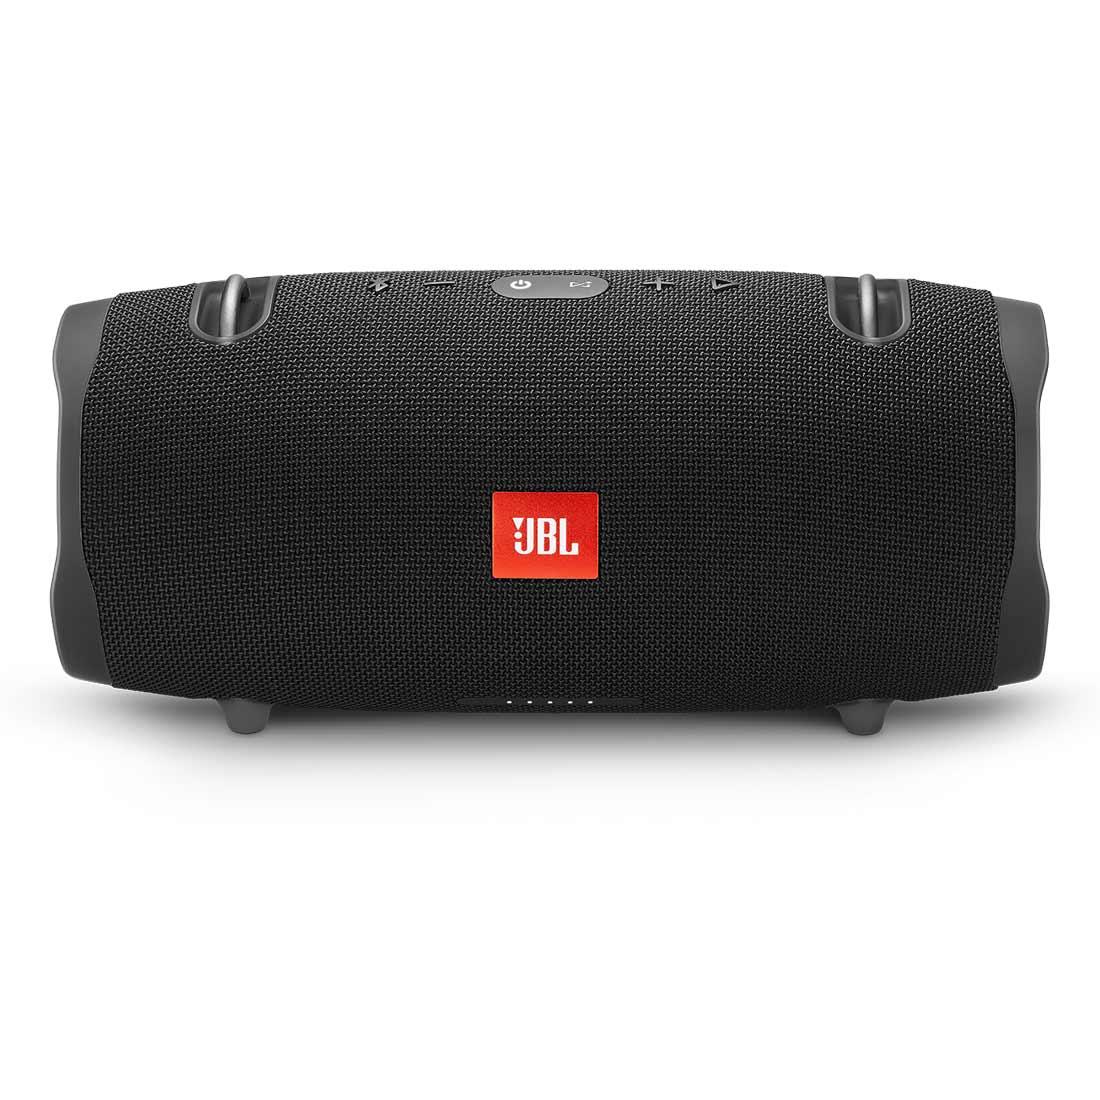 JBL Xtreme 2 Portable Wireless Waterproof Speaker w/ Power Bank - Black